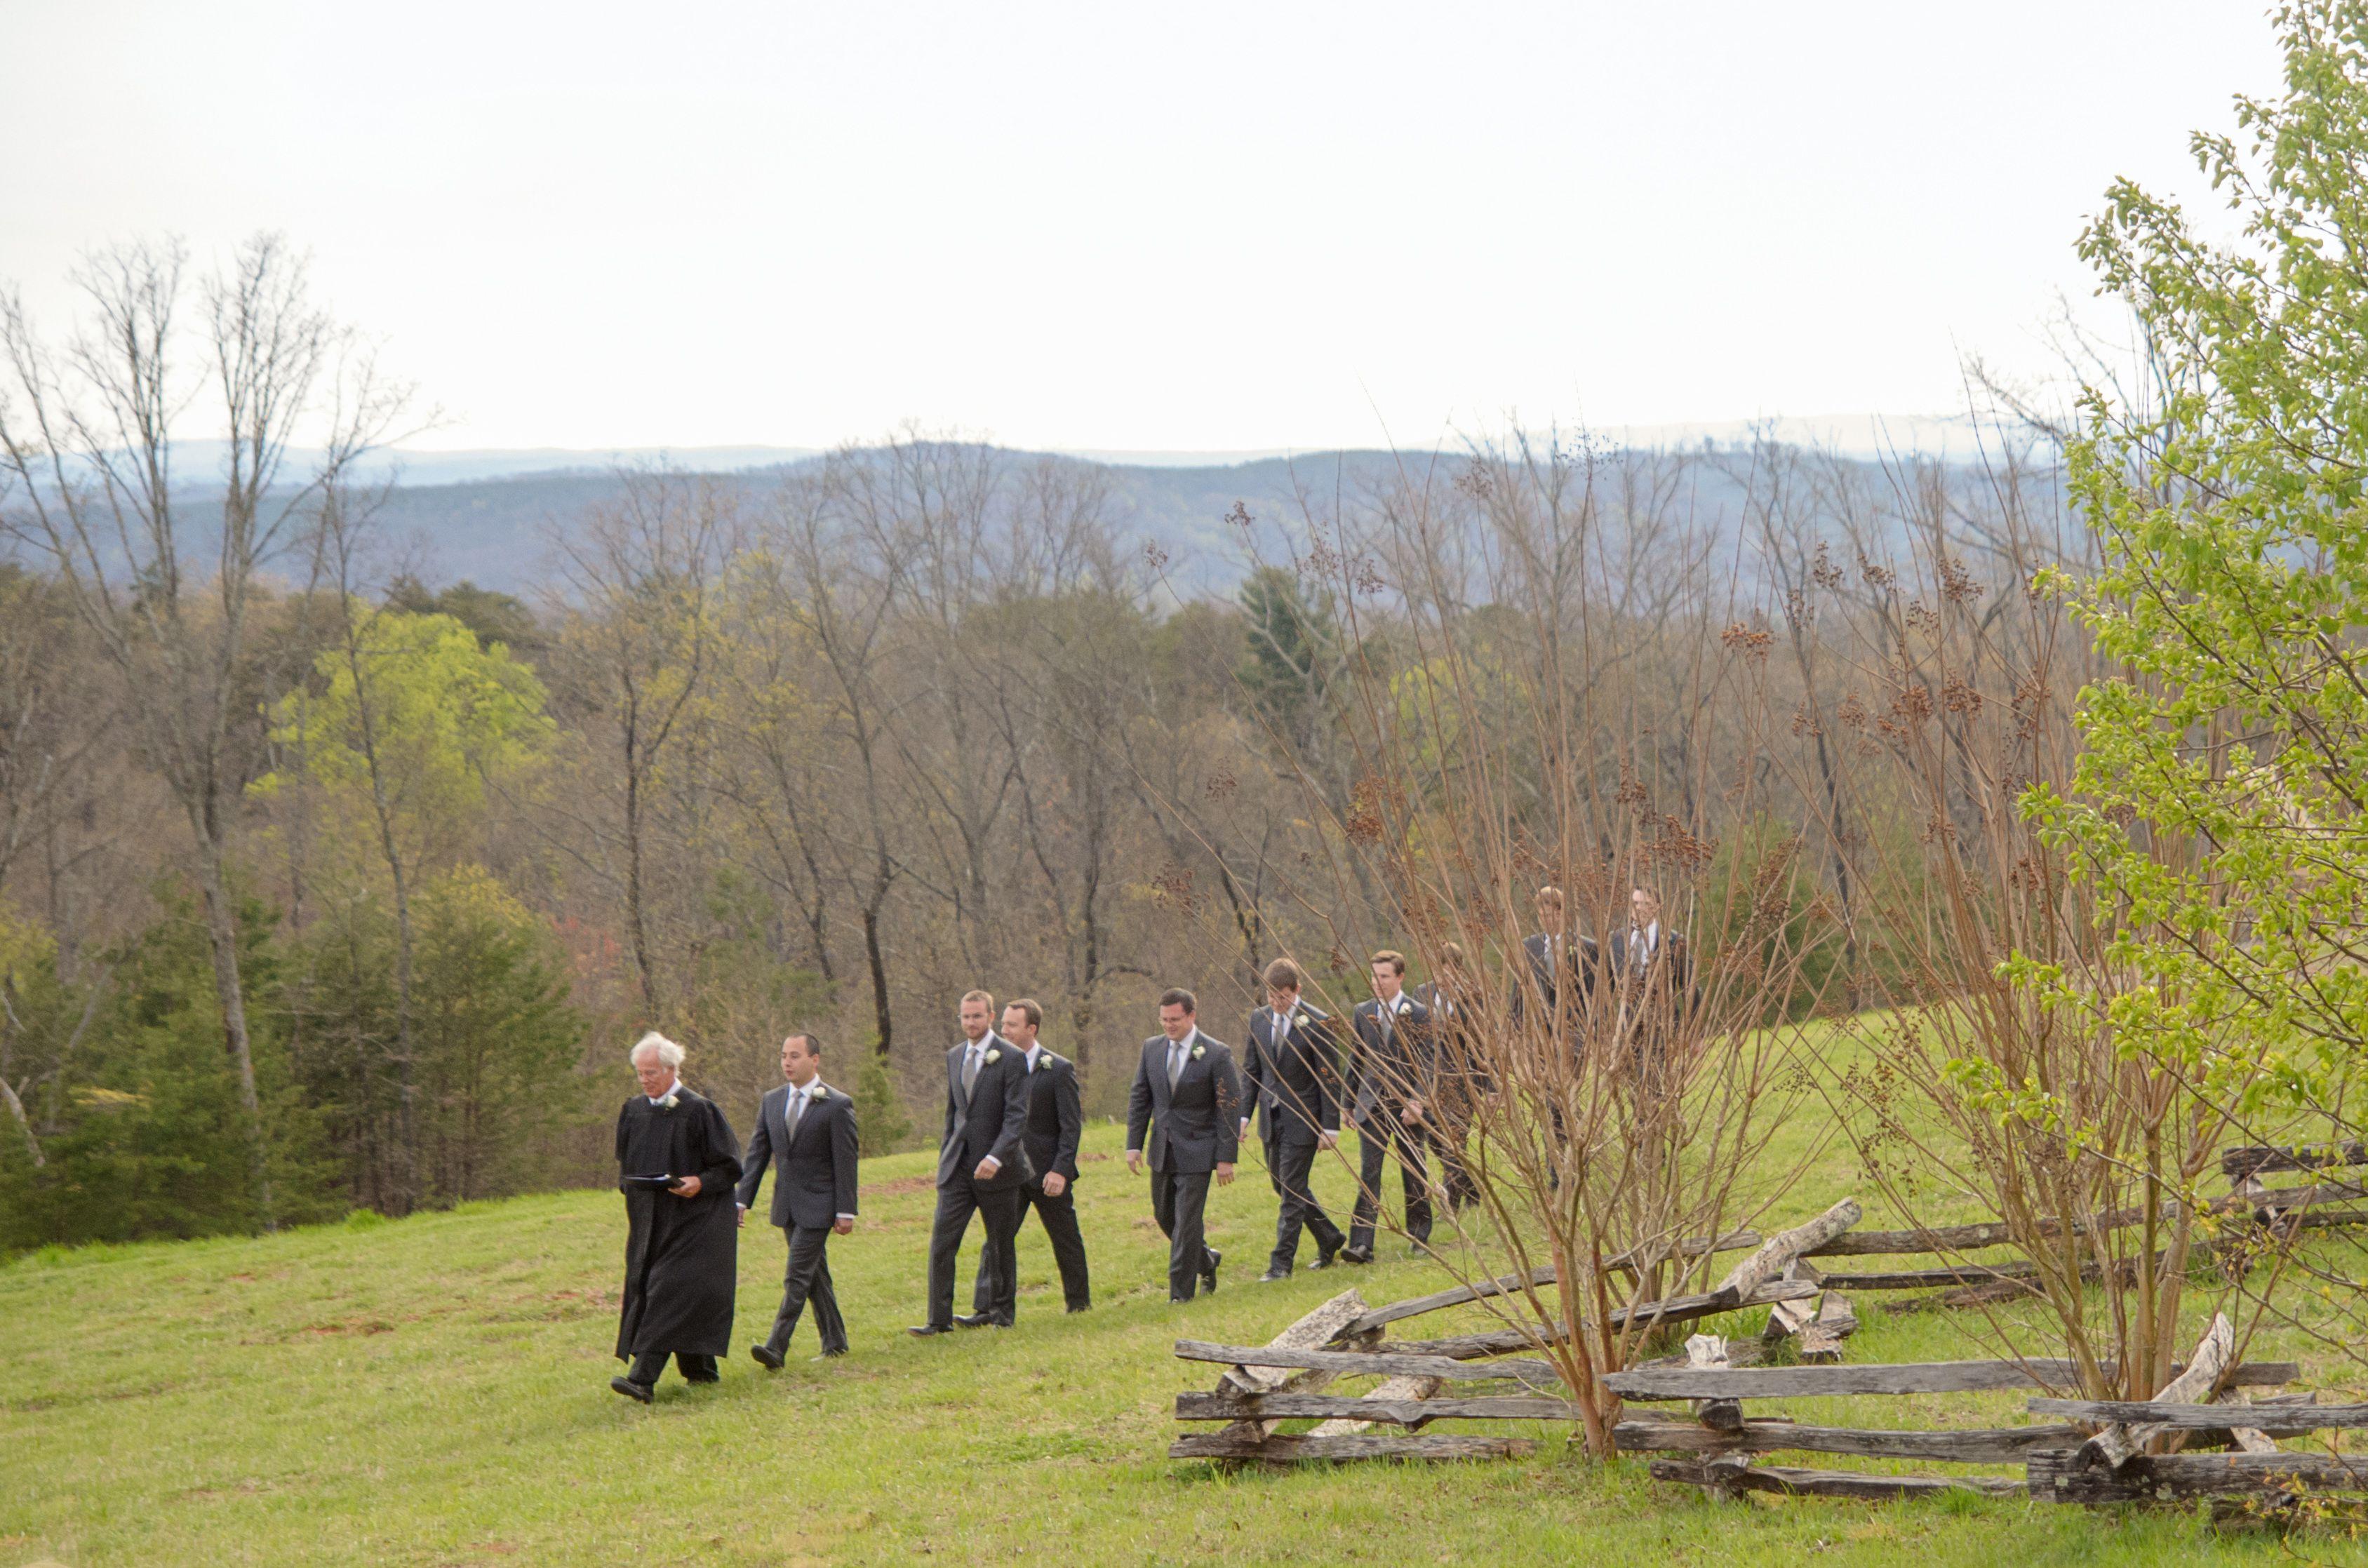 Spring mountain wedding at Tatum Acres in North Georgia ...